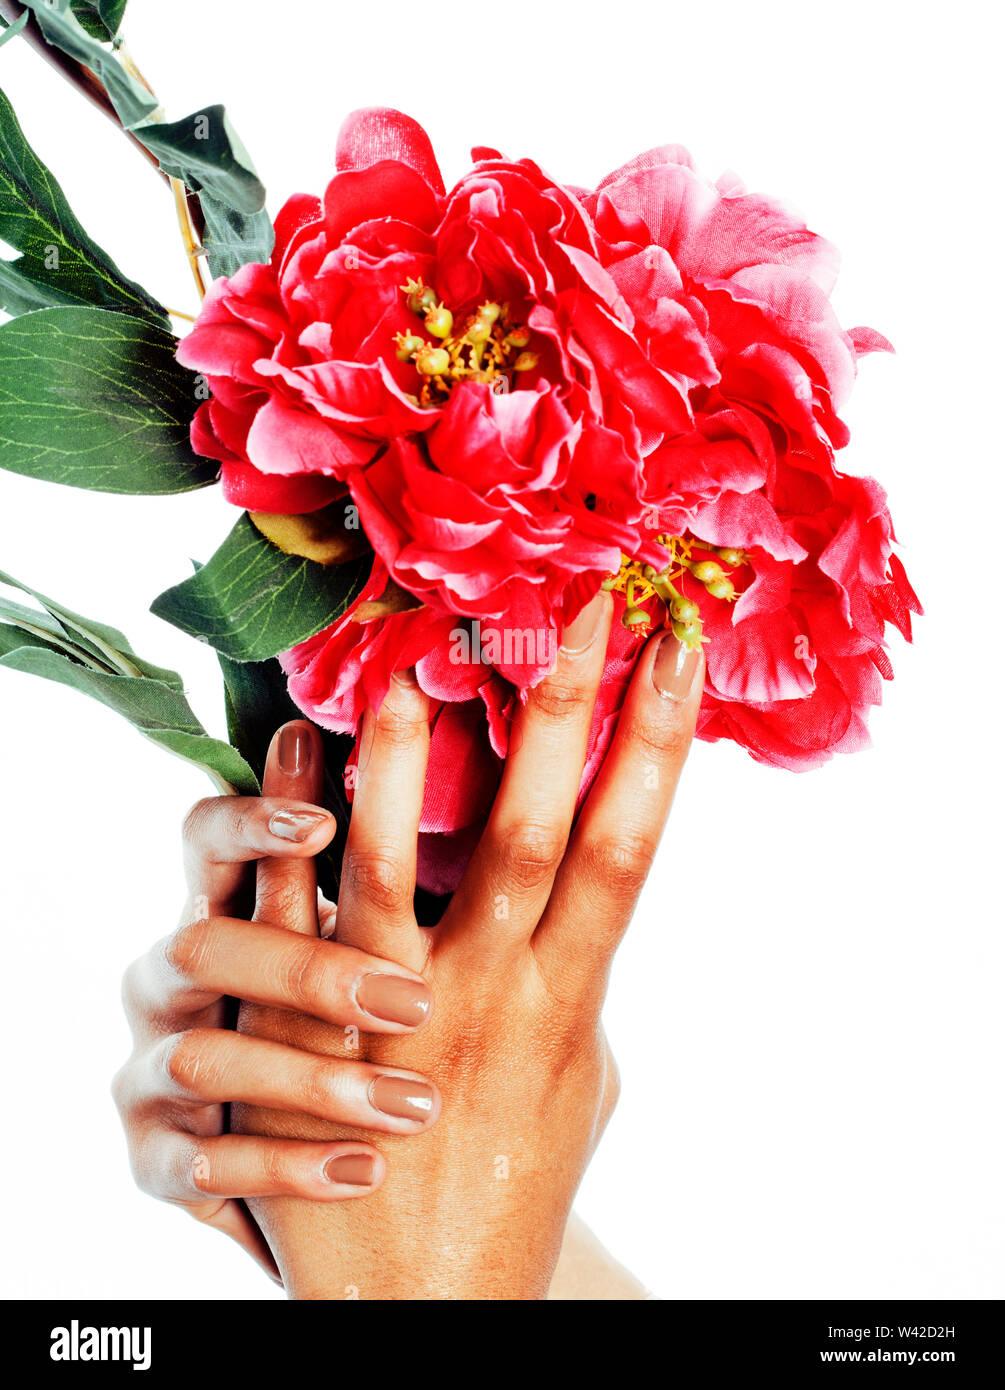 Manucure pédicure personnes concept mains, doigts femme en forme de coeur la tenue des fleurs roses isolated Photo Stock